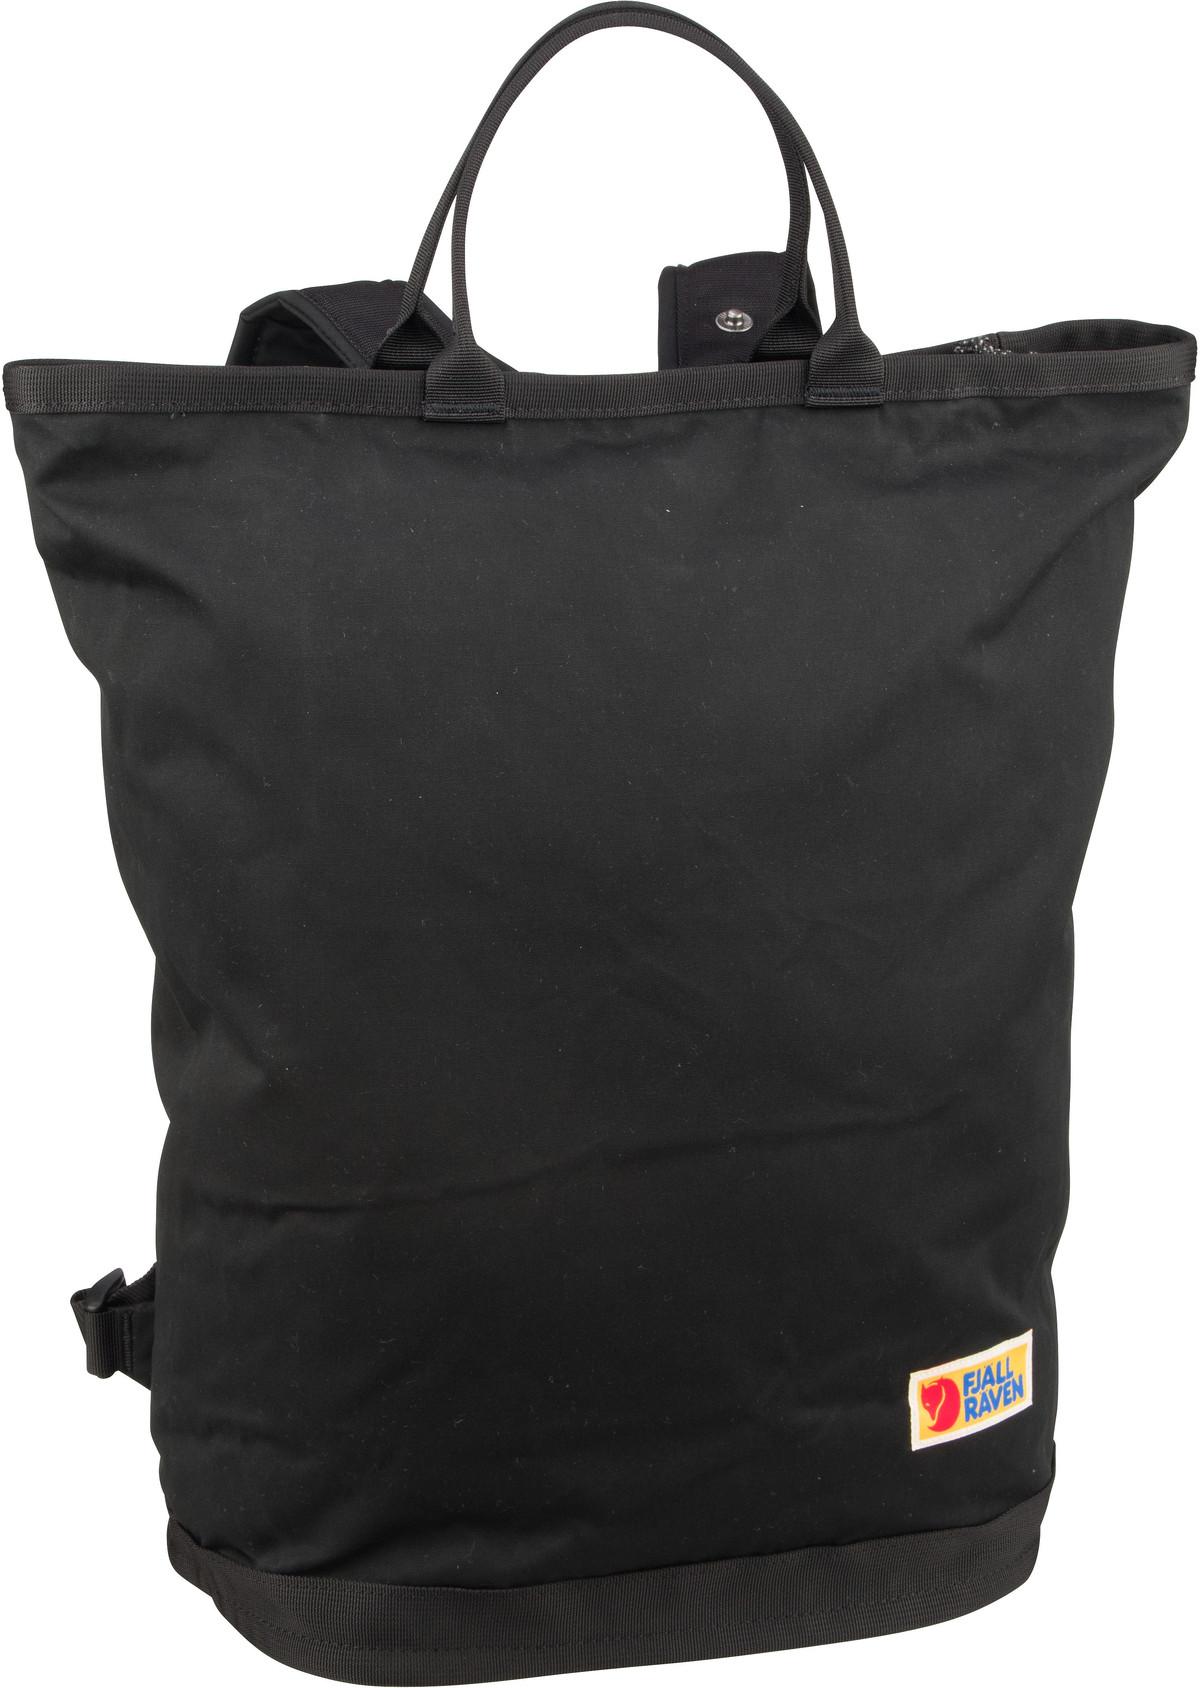 Rucksack / Daypack Vardag Totepack Black (20 Liter)